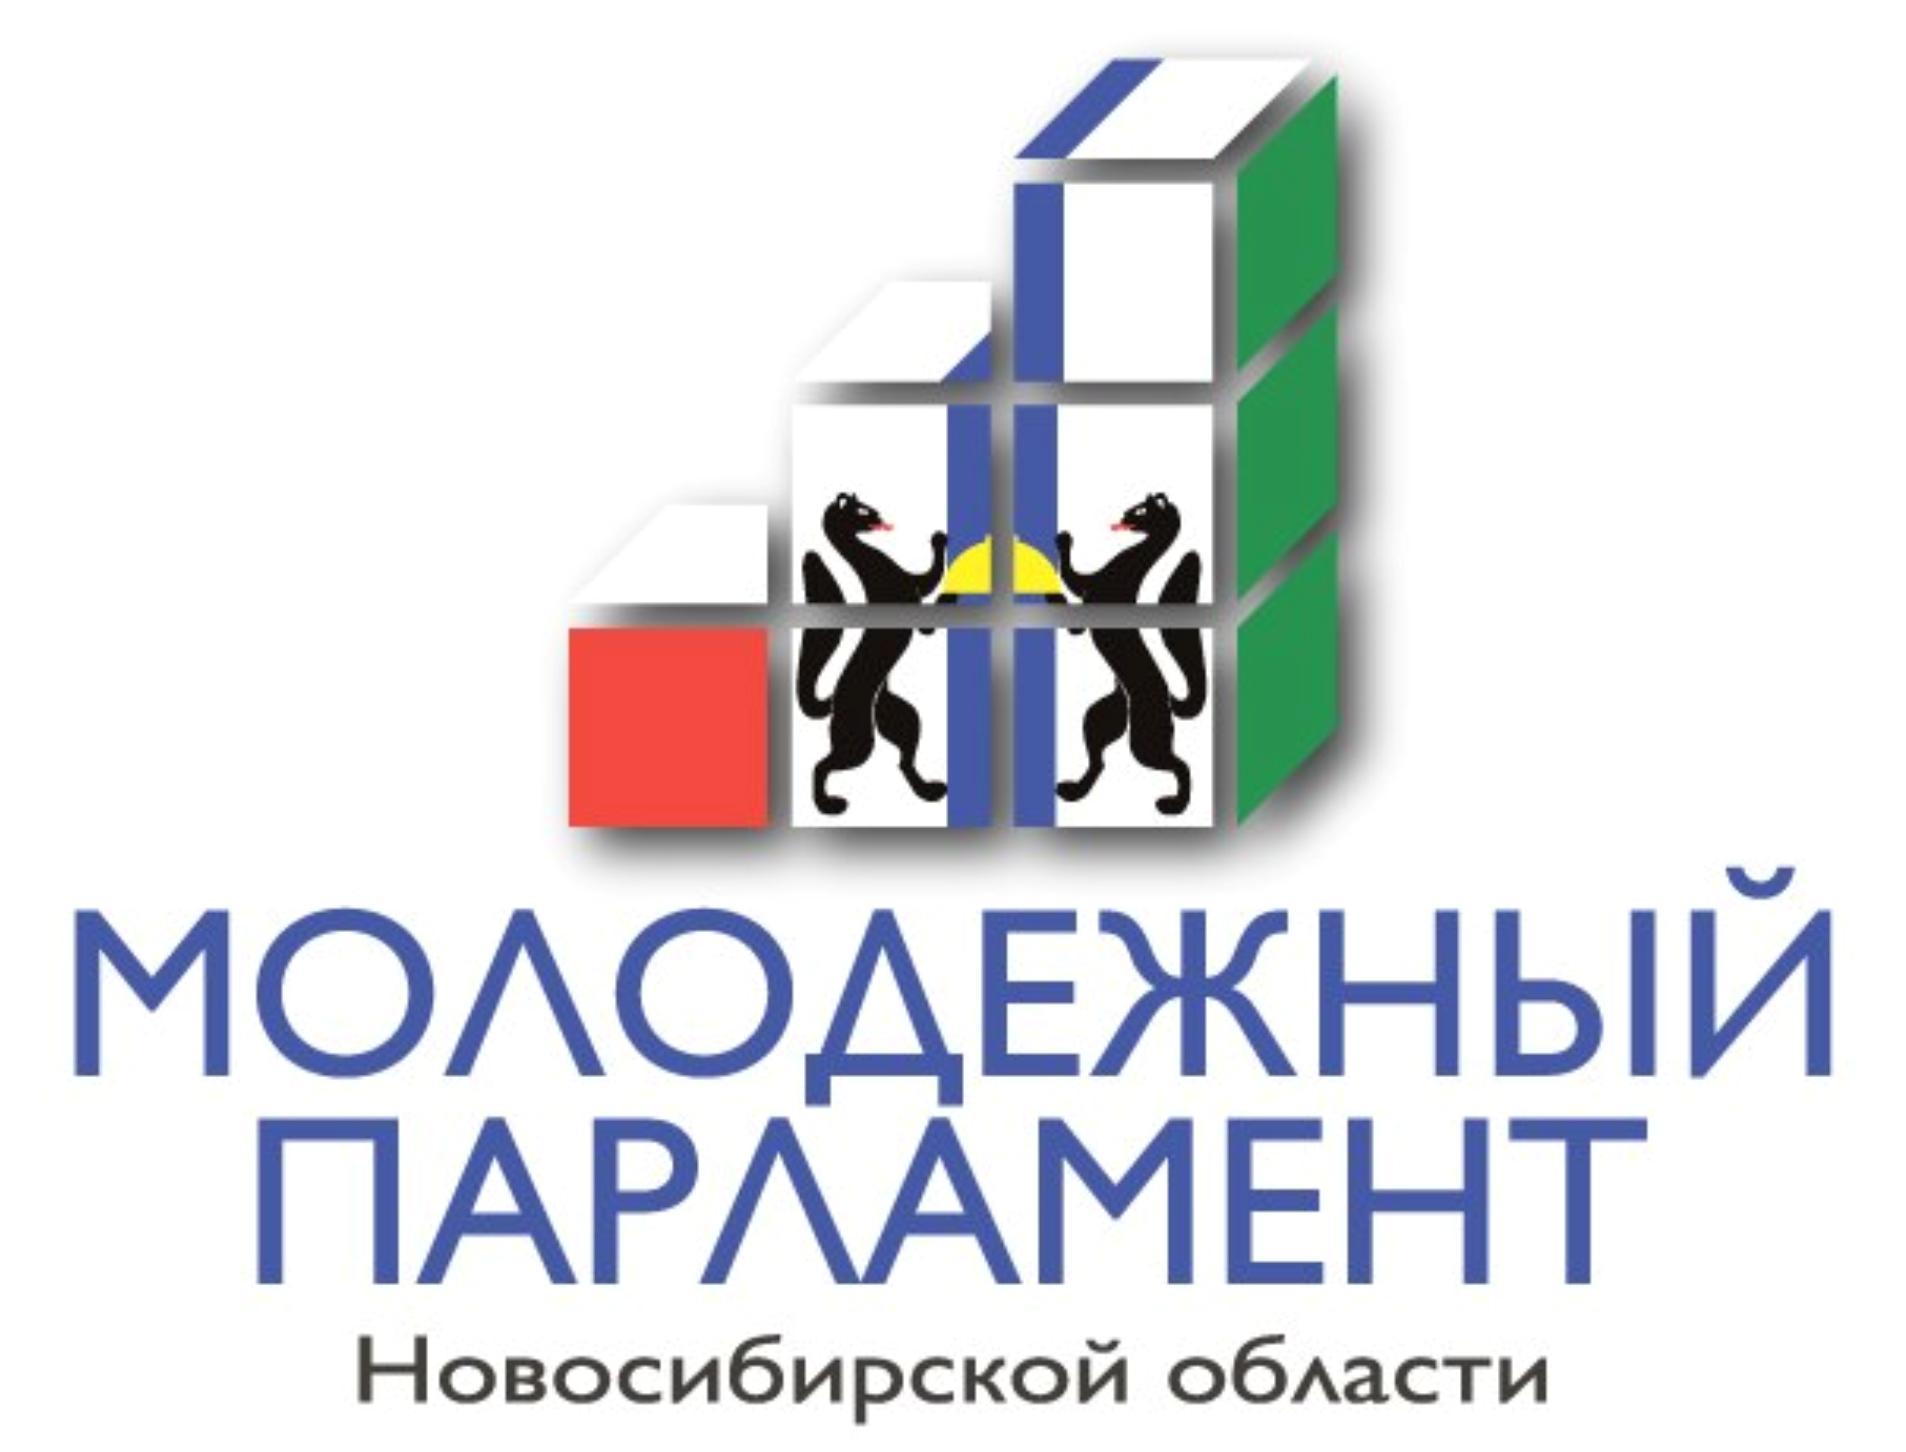 Выборы членов Молодежного парламента НСО III созыва